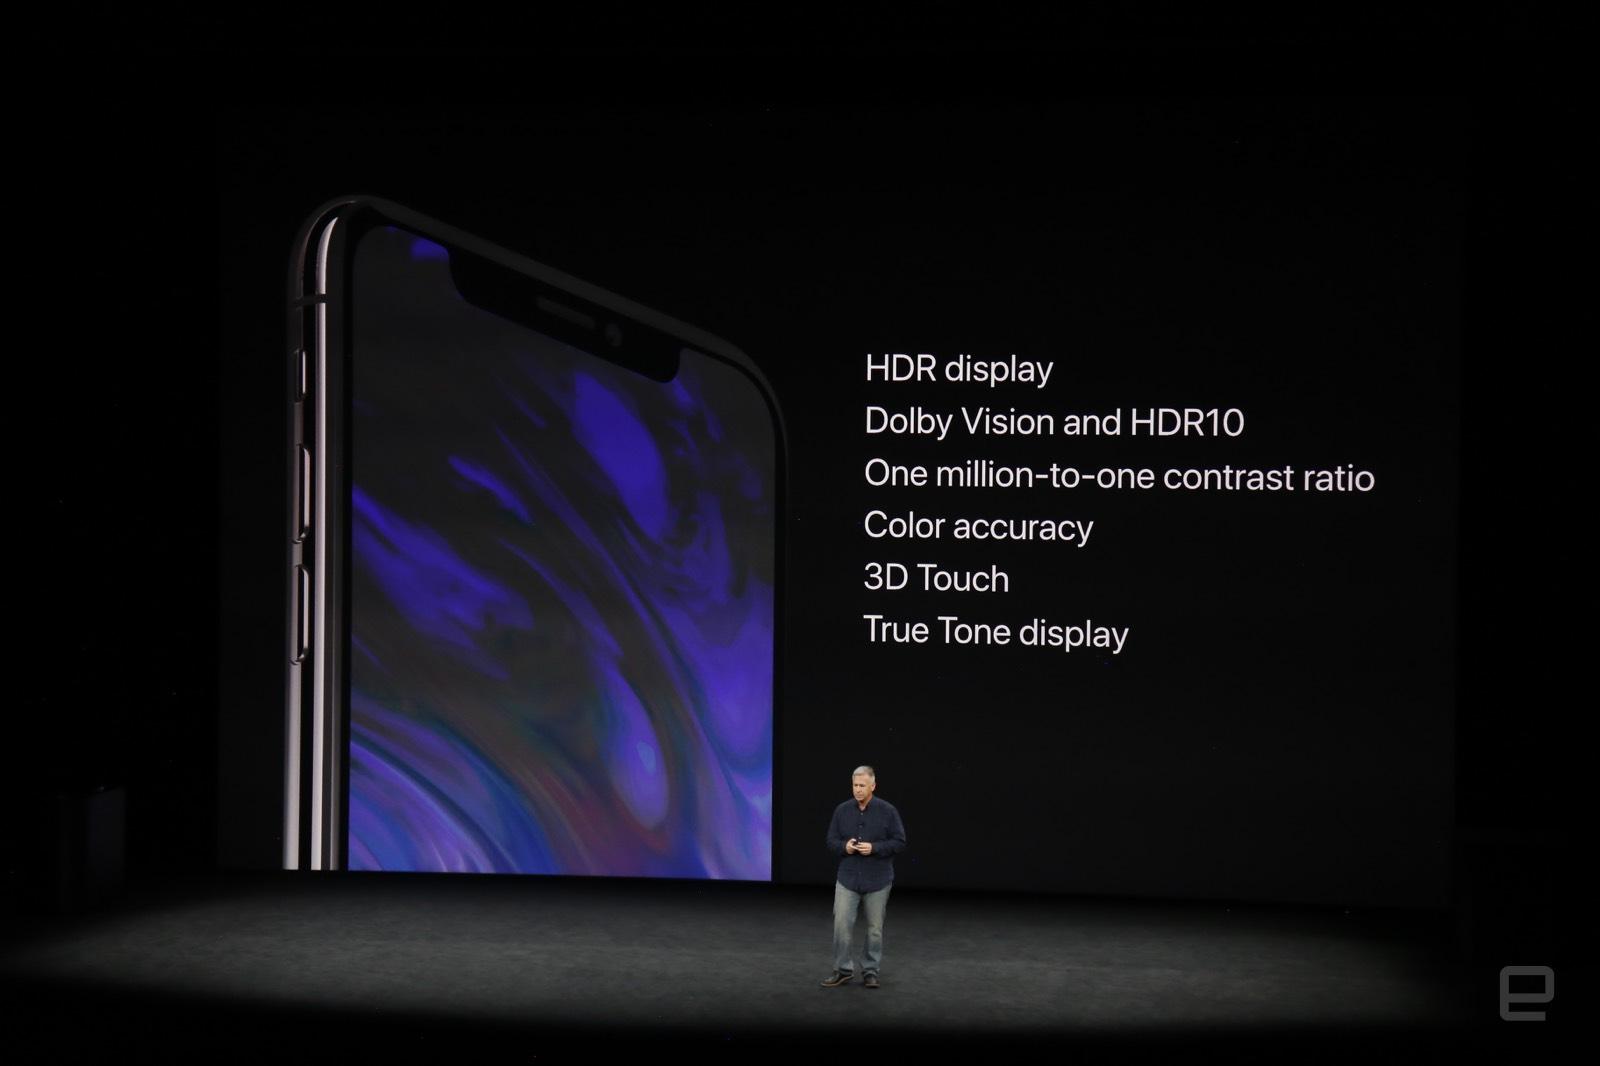 Ra mắt iPhone X siêu đẹp, tương lai của smartphone - 23